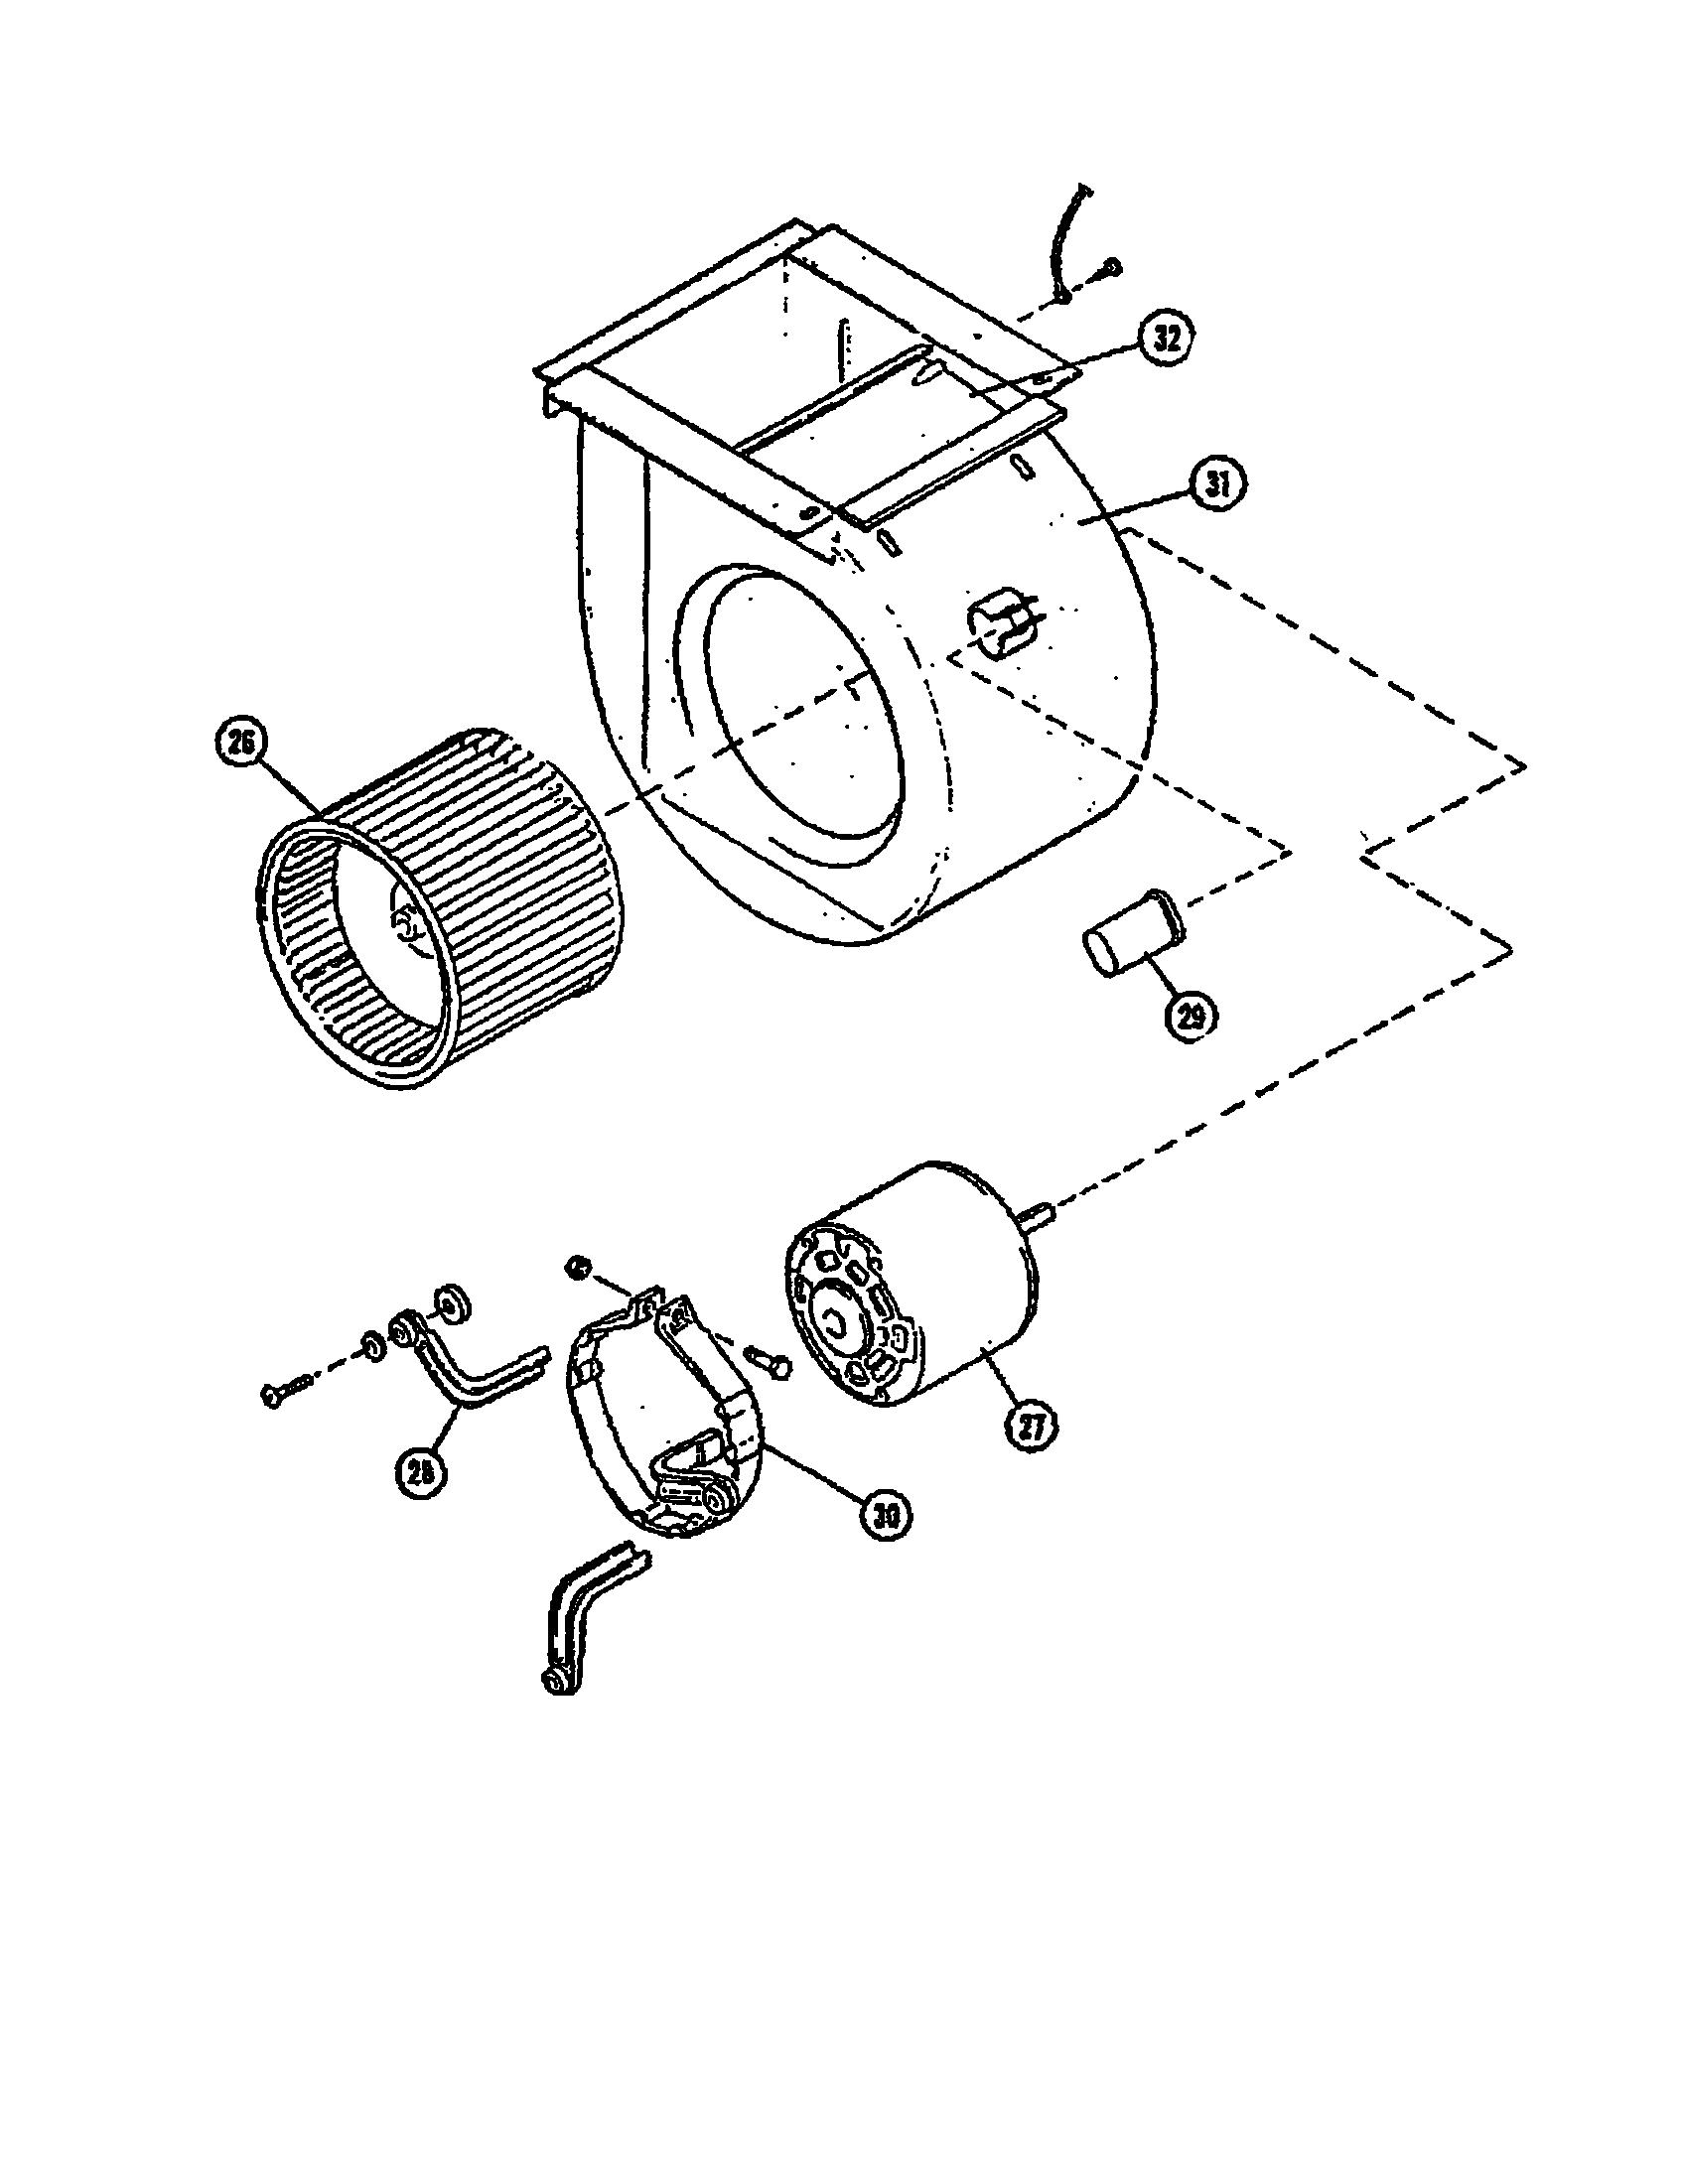 Lennox Furnace Parts Diagram